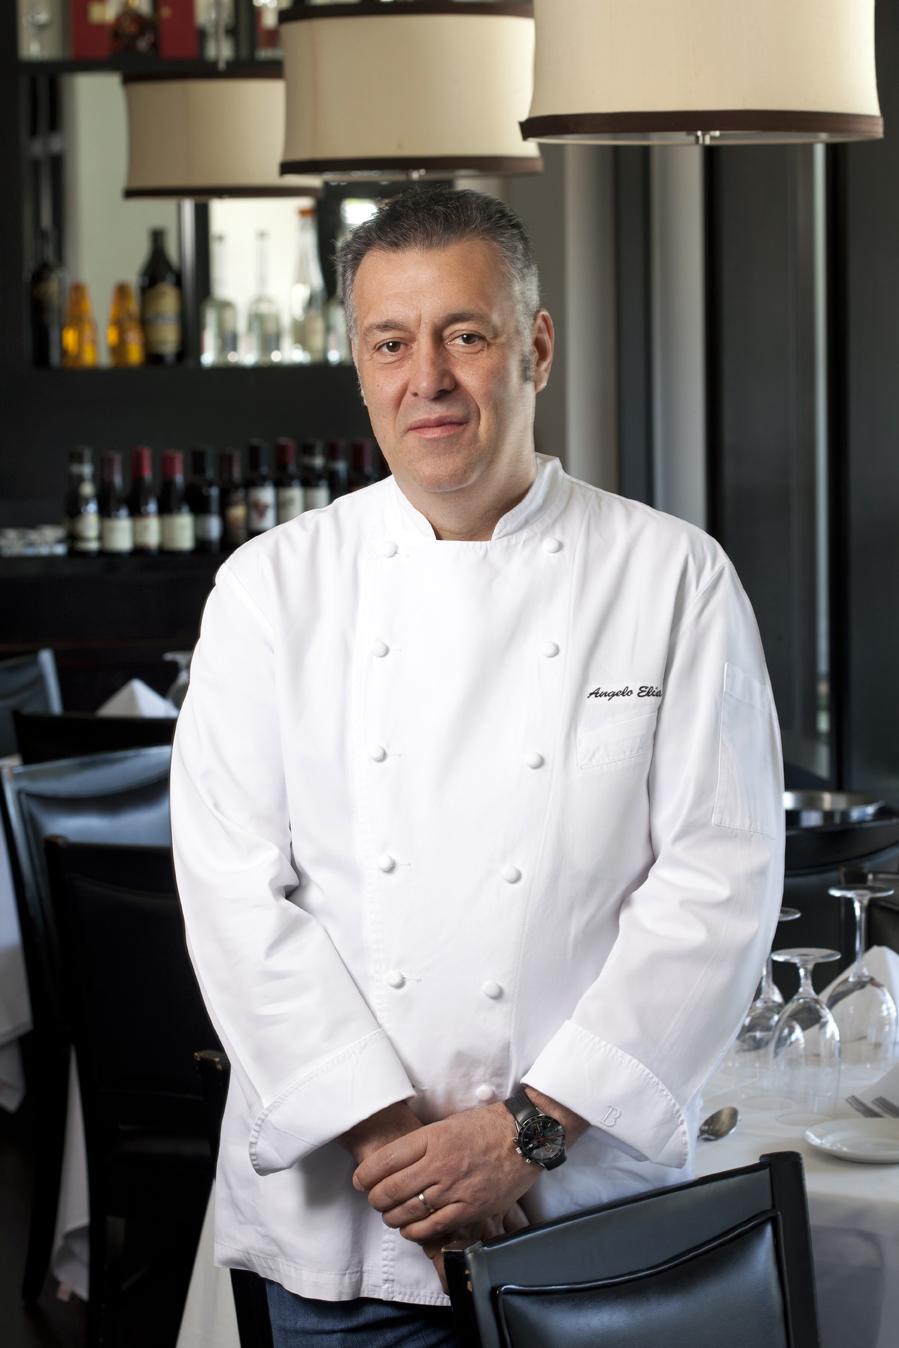 Chef Angelo Elia